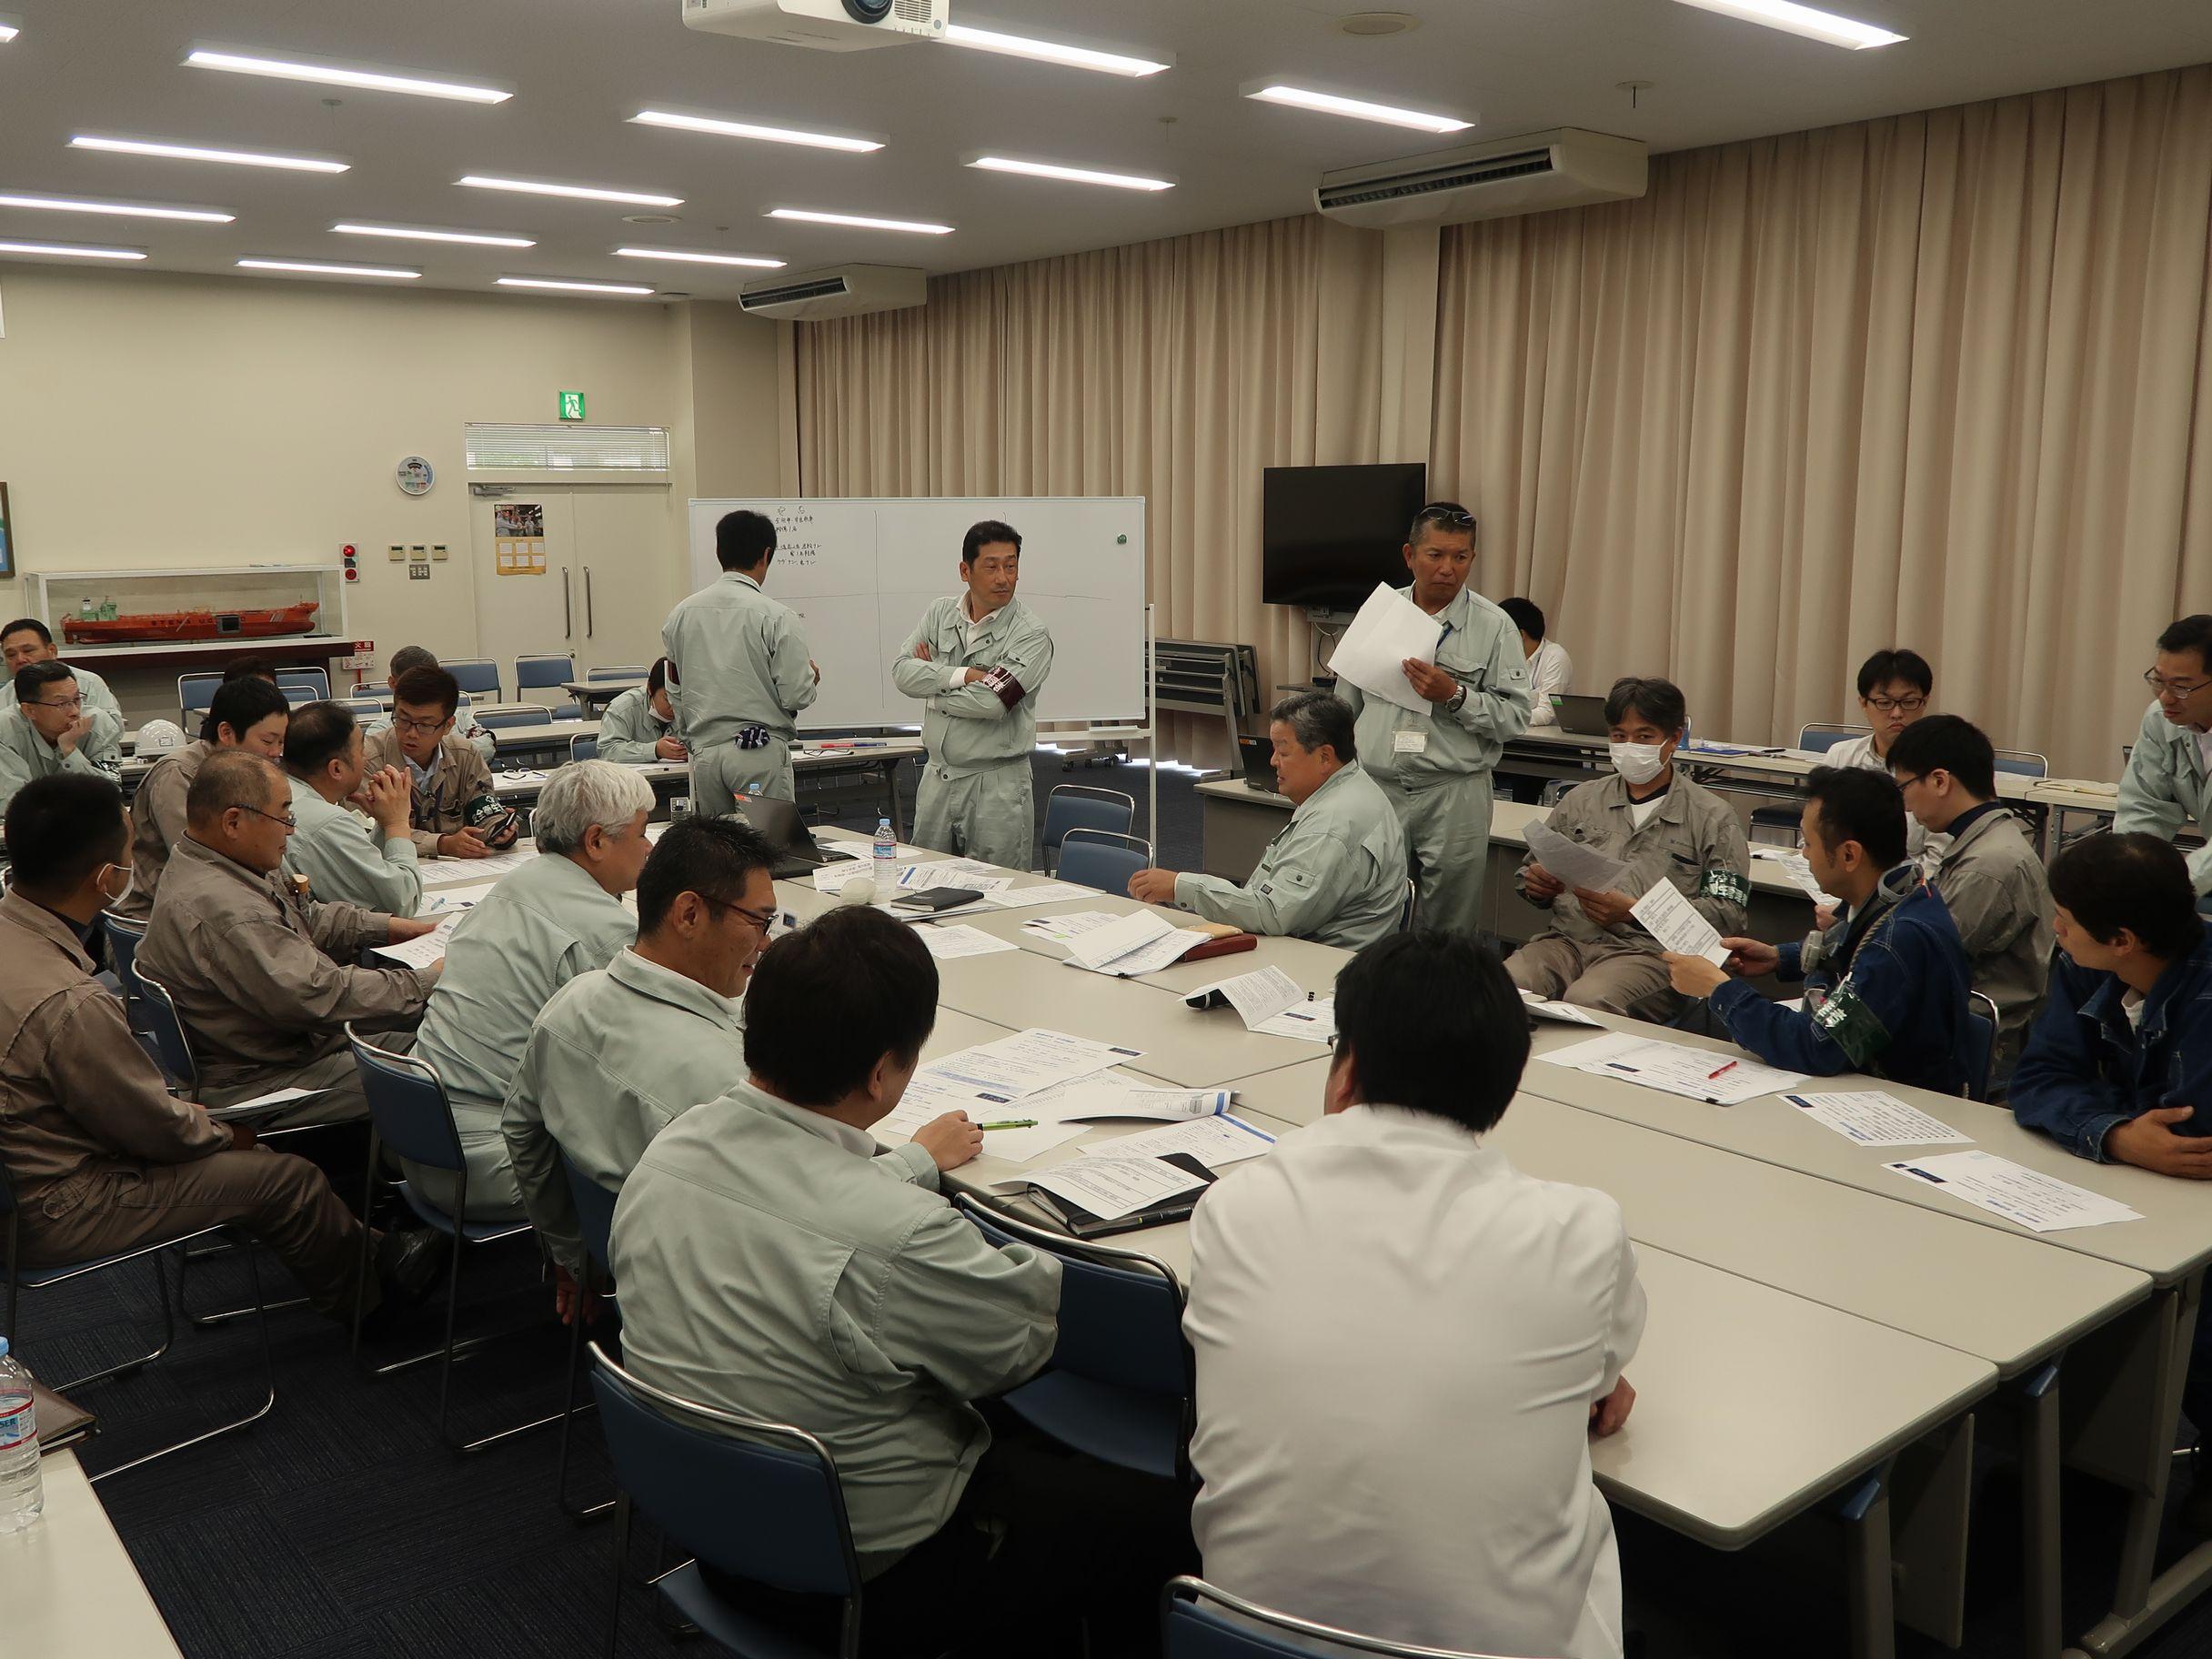 常石鉄工 事業継続マネジメント(BCM)による緊急危機対策本部の研修訓練を実施